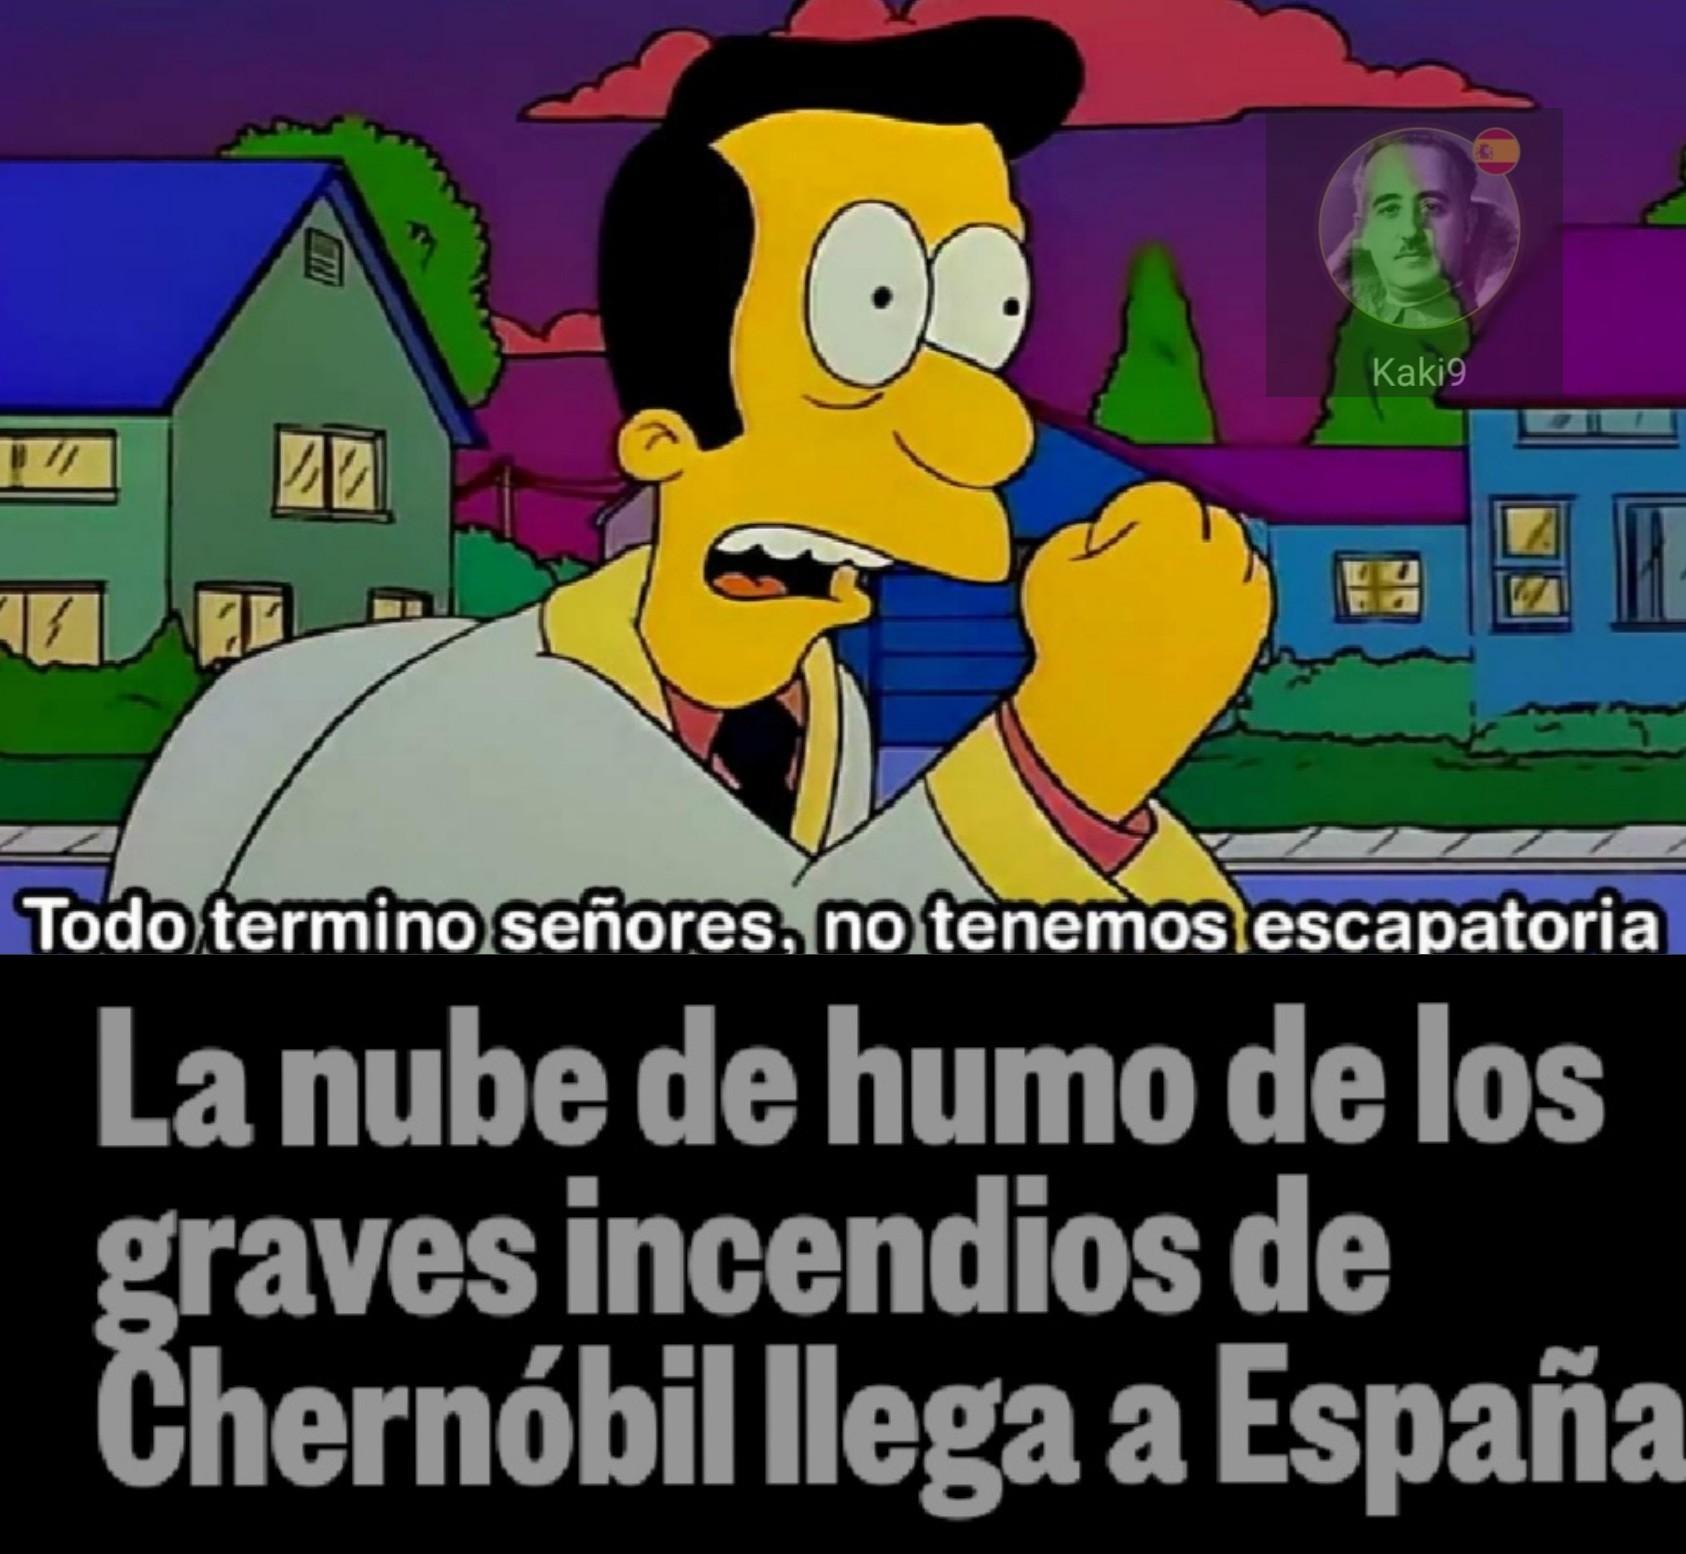 Chrrnobil - meme